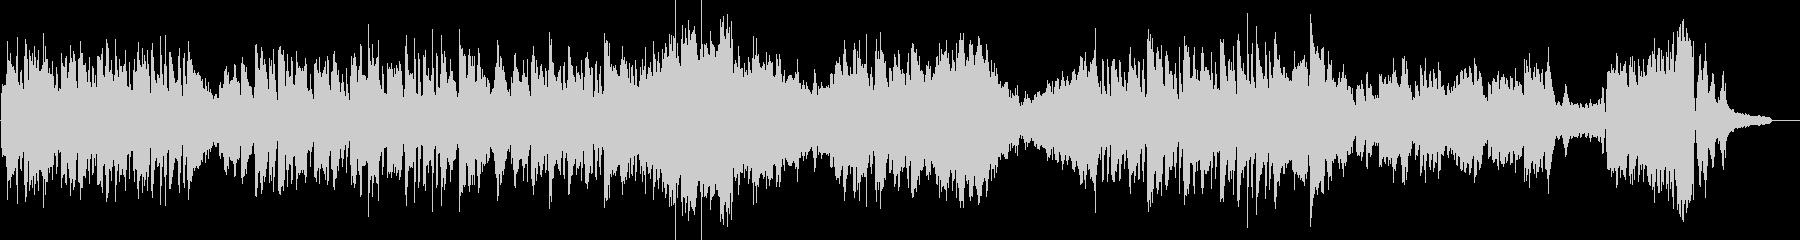 ショパン エチュード Op10 No8の未再生の波形